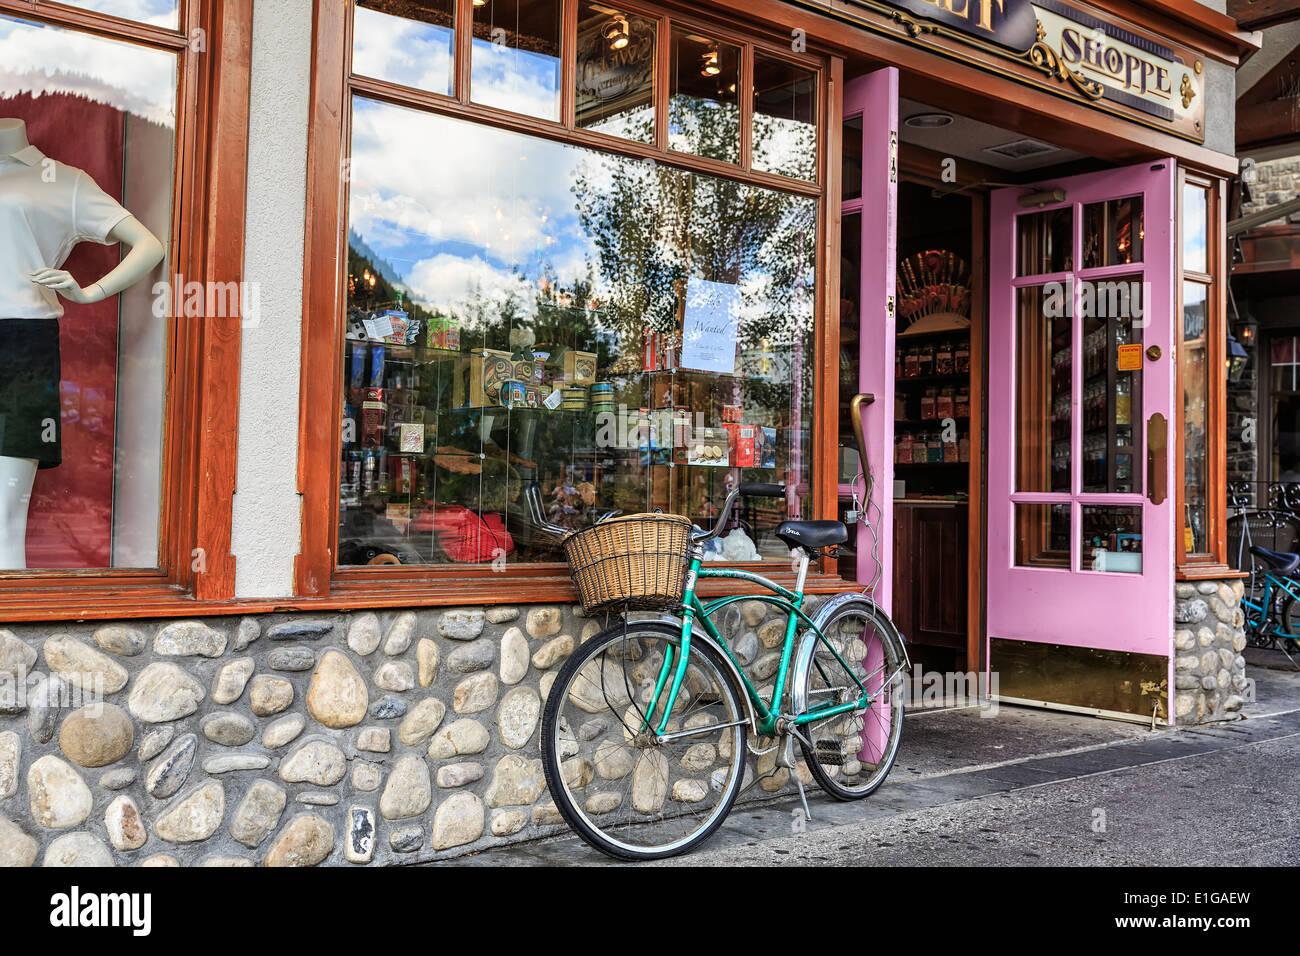 Cruiser bicicletta con cestello al di fuori di una vetrina di Banff, Alberta, Canada Foto Stock